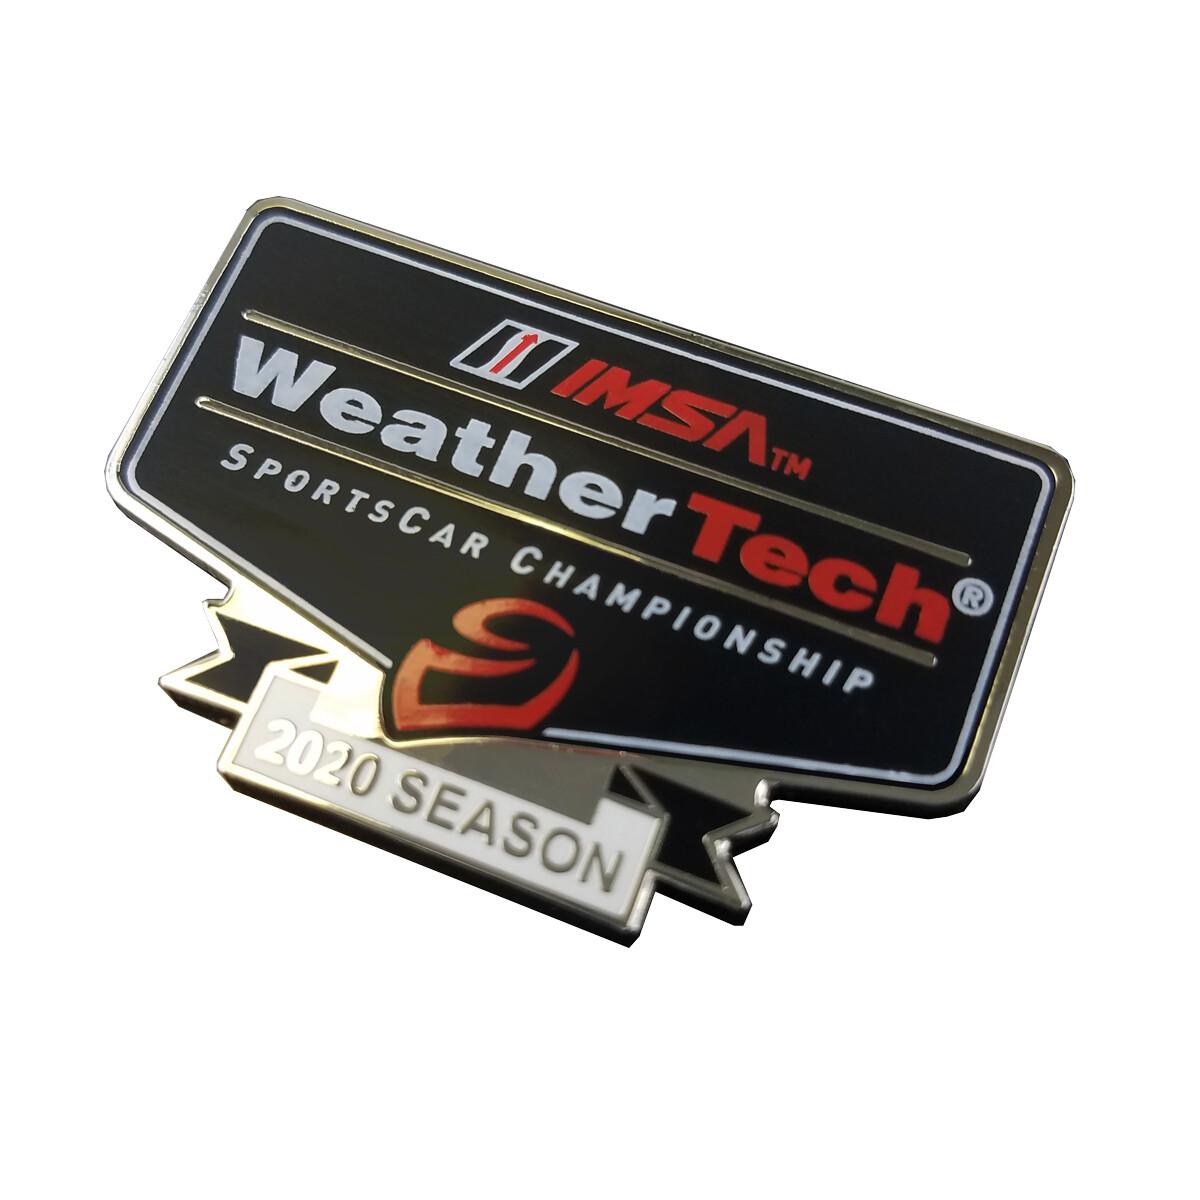 WeatherTech 2020 Lapel Pin